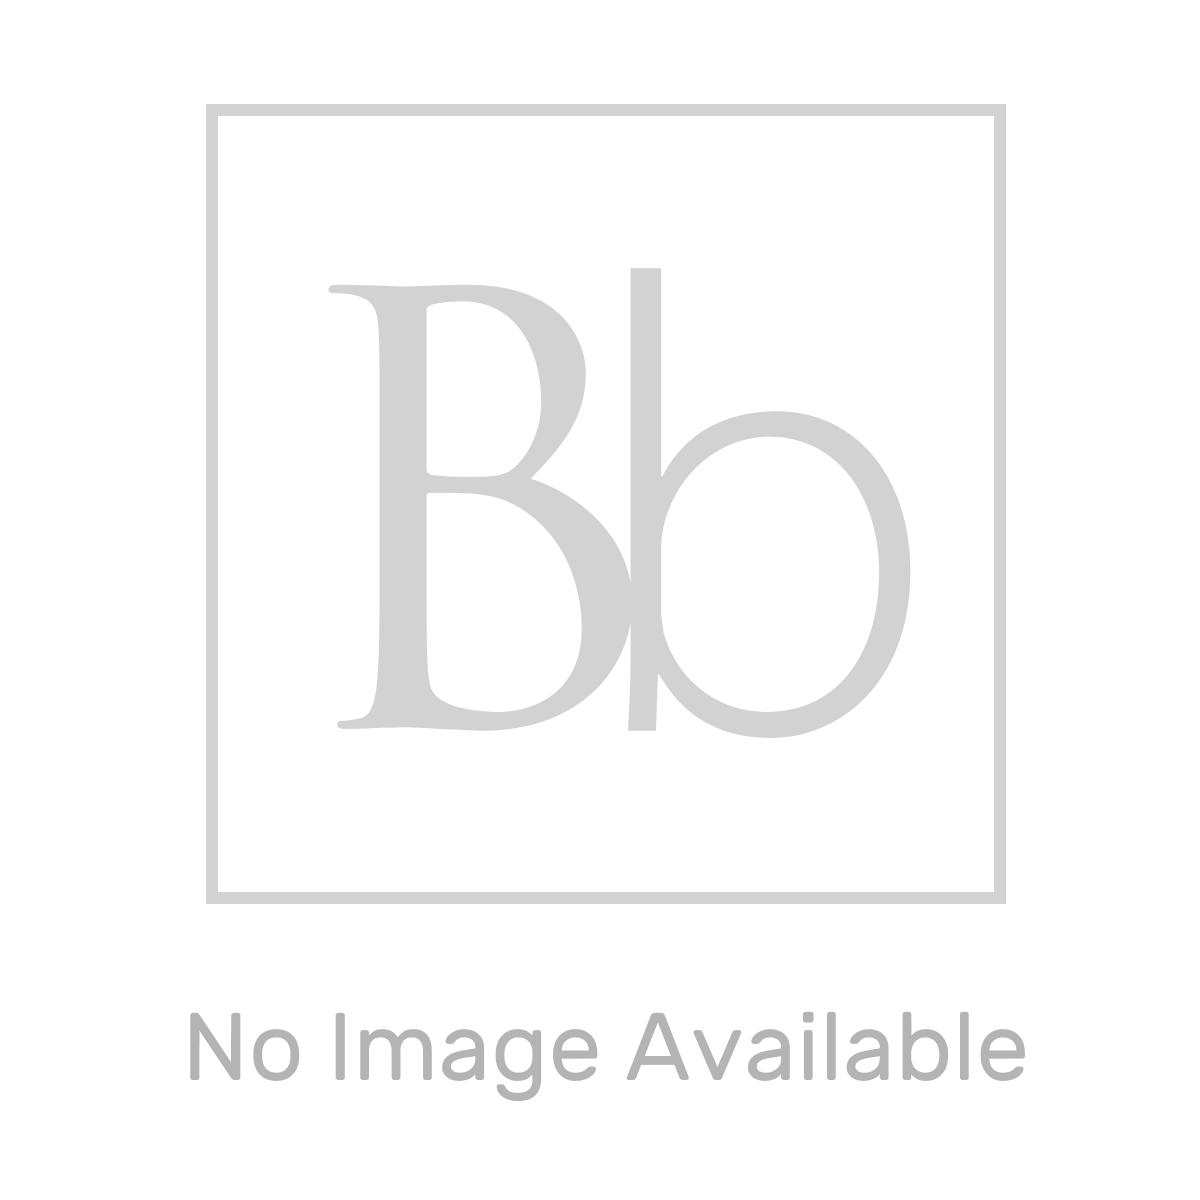 Sensio Portland Non Illuminated Bevell Mirror 600 x 400 x 16